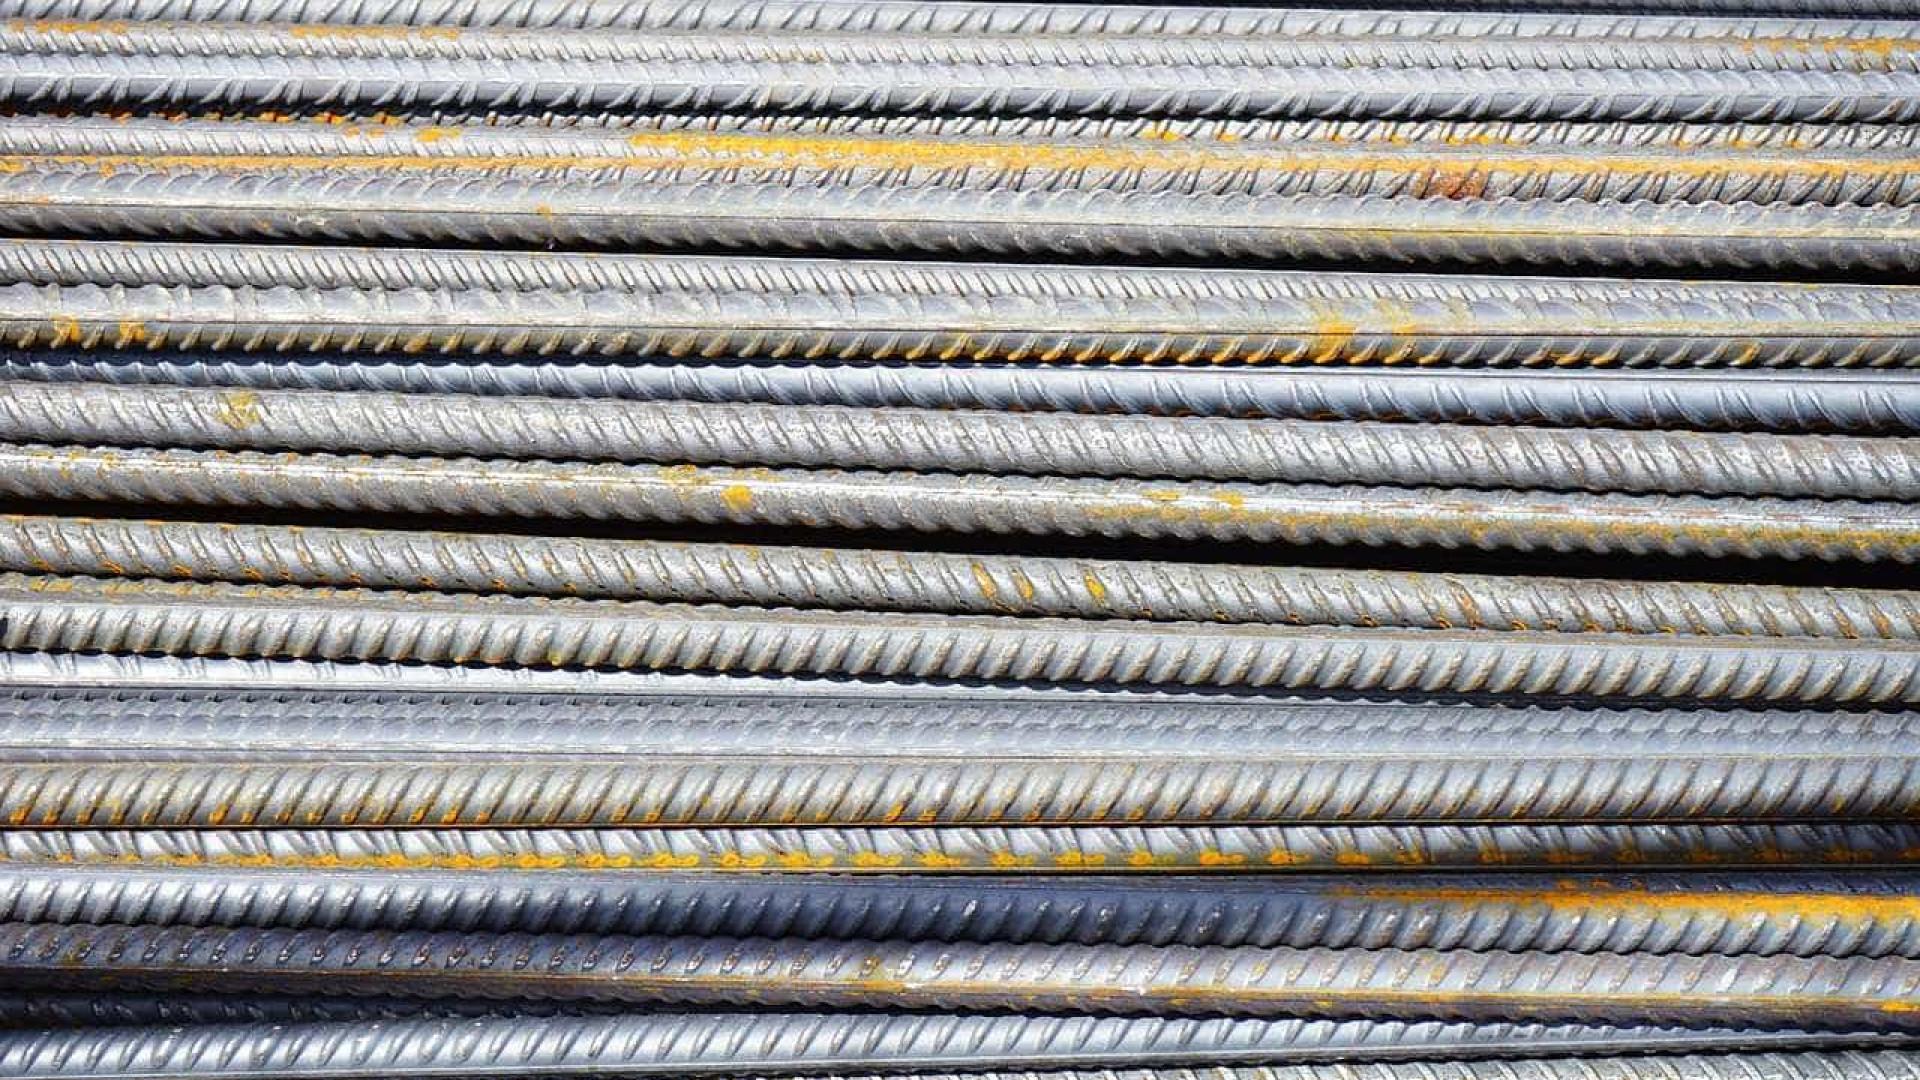 Brasil aguarda EUA sobre diálogo em torno de sobretaxas ao aço